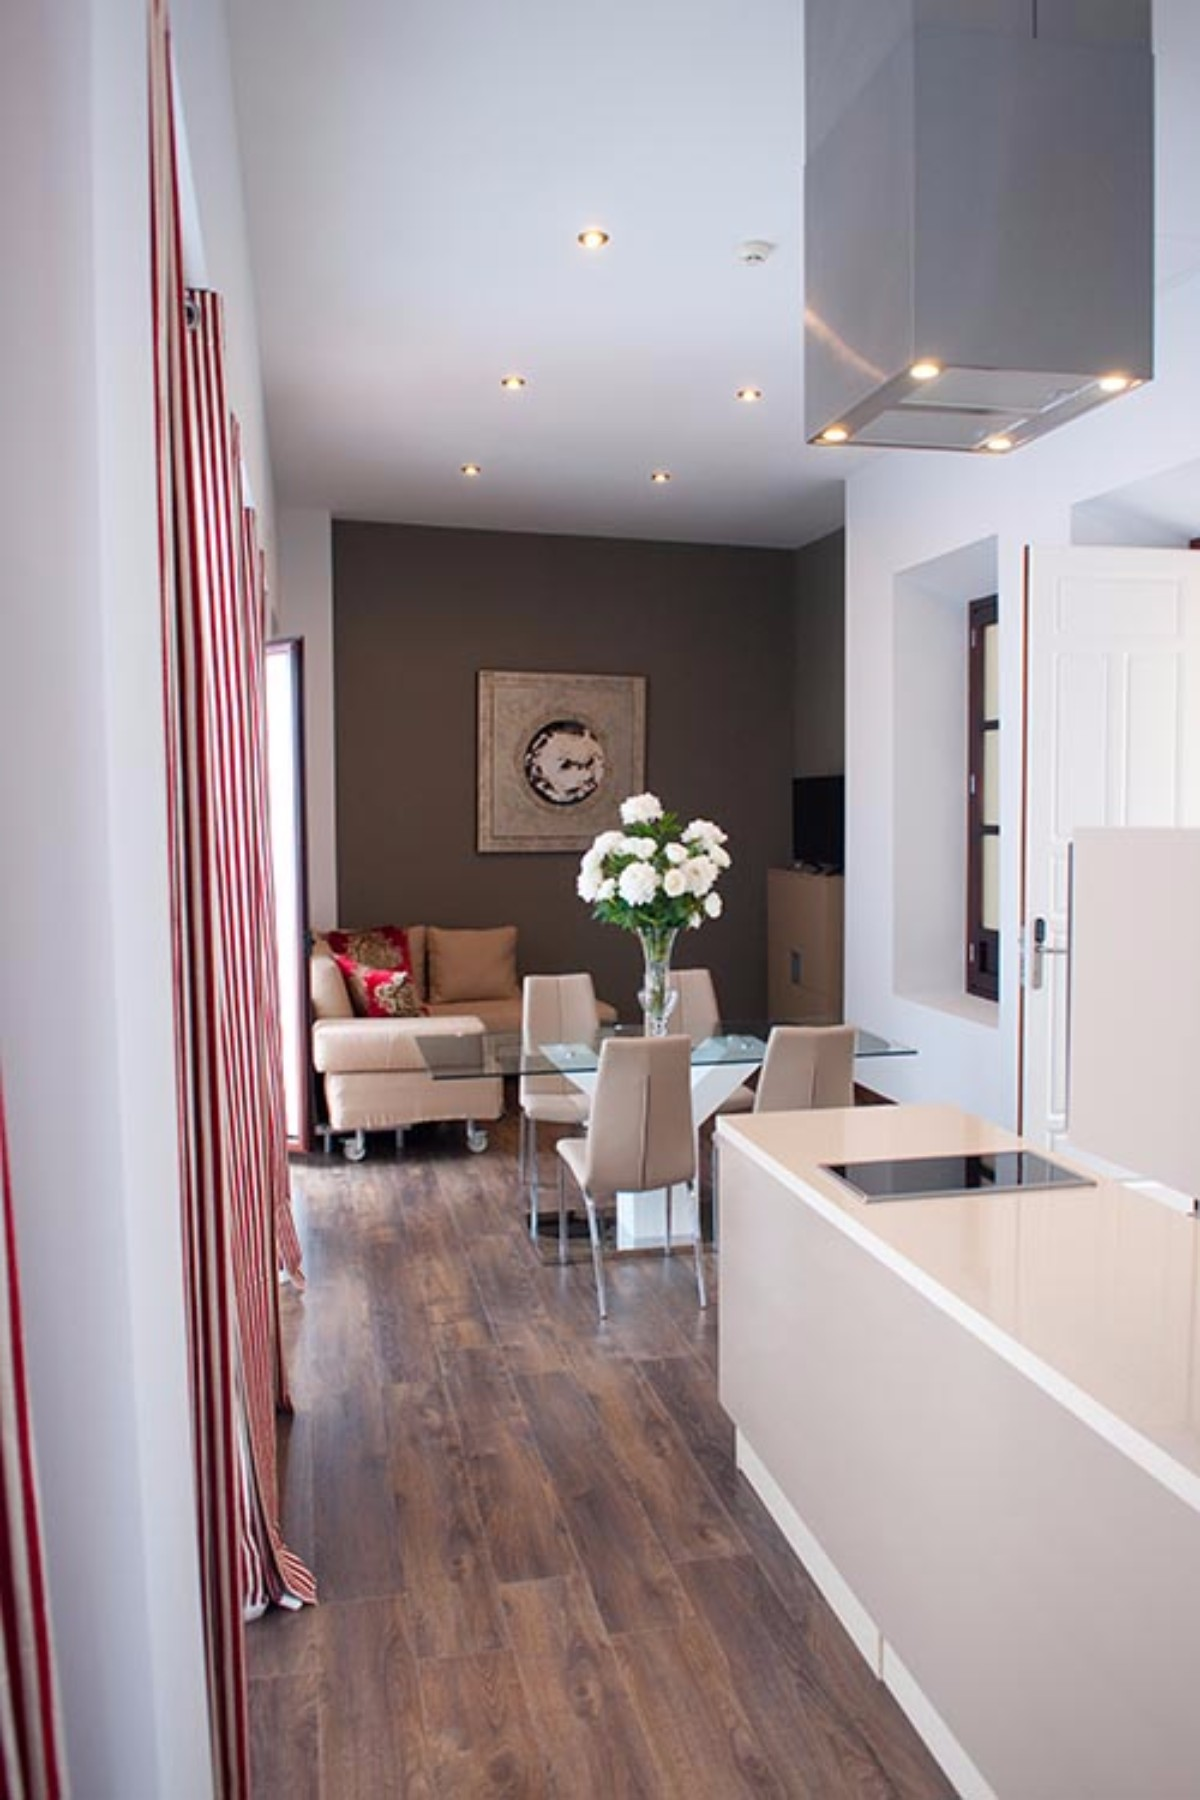 Apartamento Vip El Escondite De Mar A Sevilla # Muebles Sevillanos